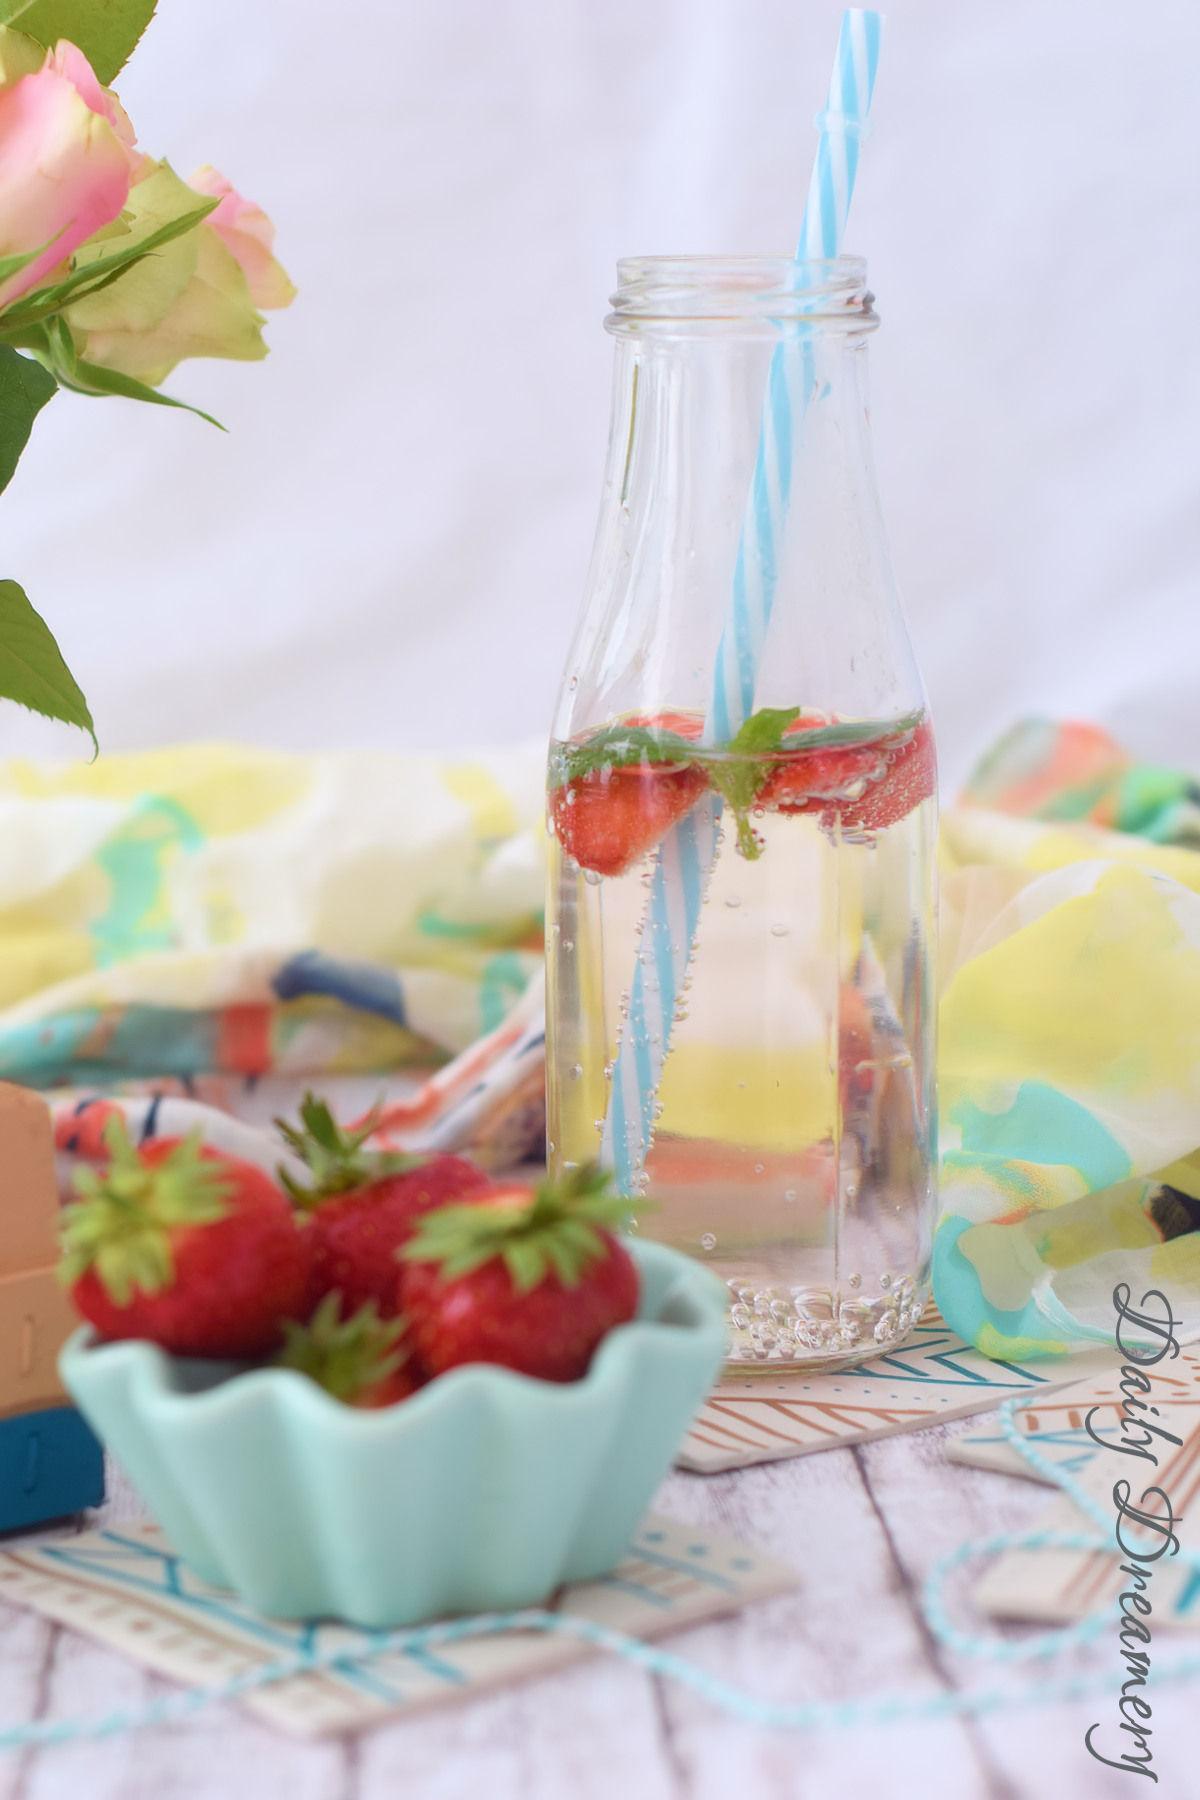 Mudcloth-inspirierte Untersetzer aus lufttrocknender Modelliermasse - wunderschöne Sommerdeko